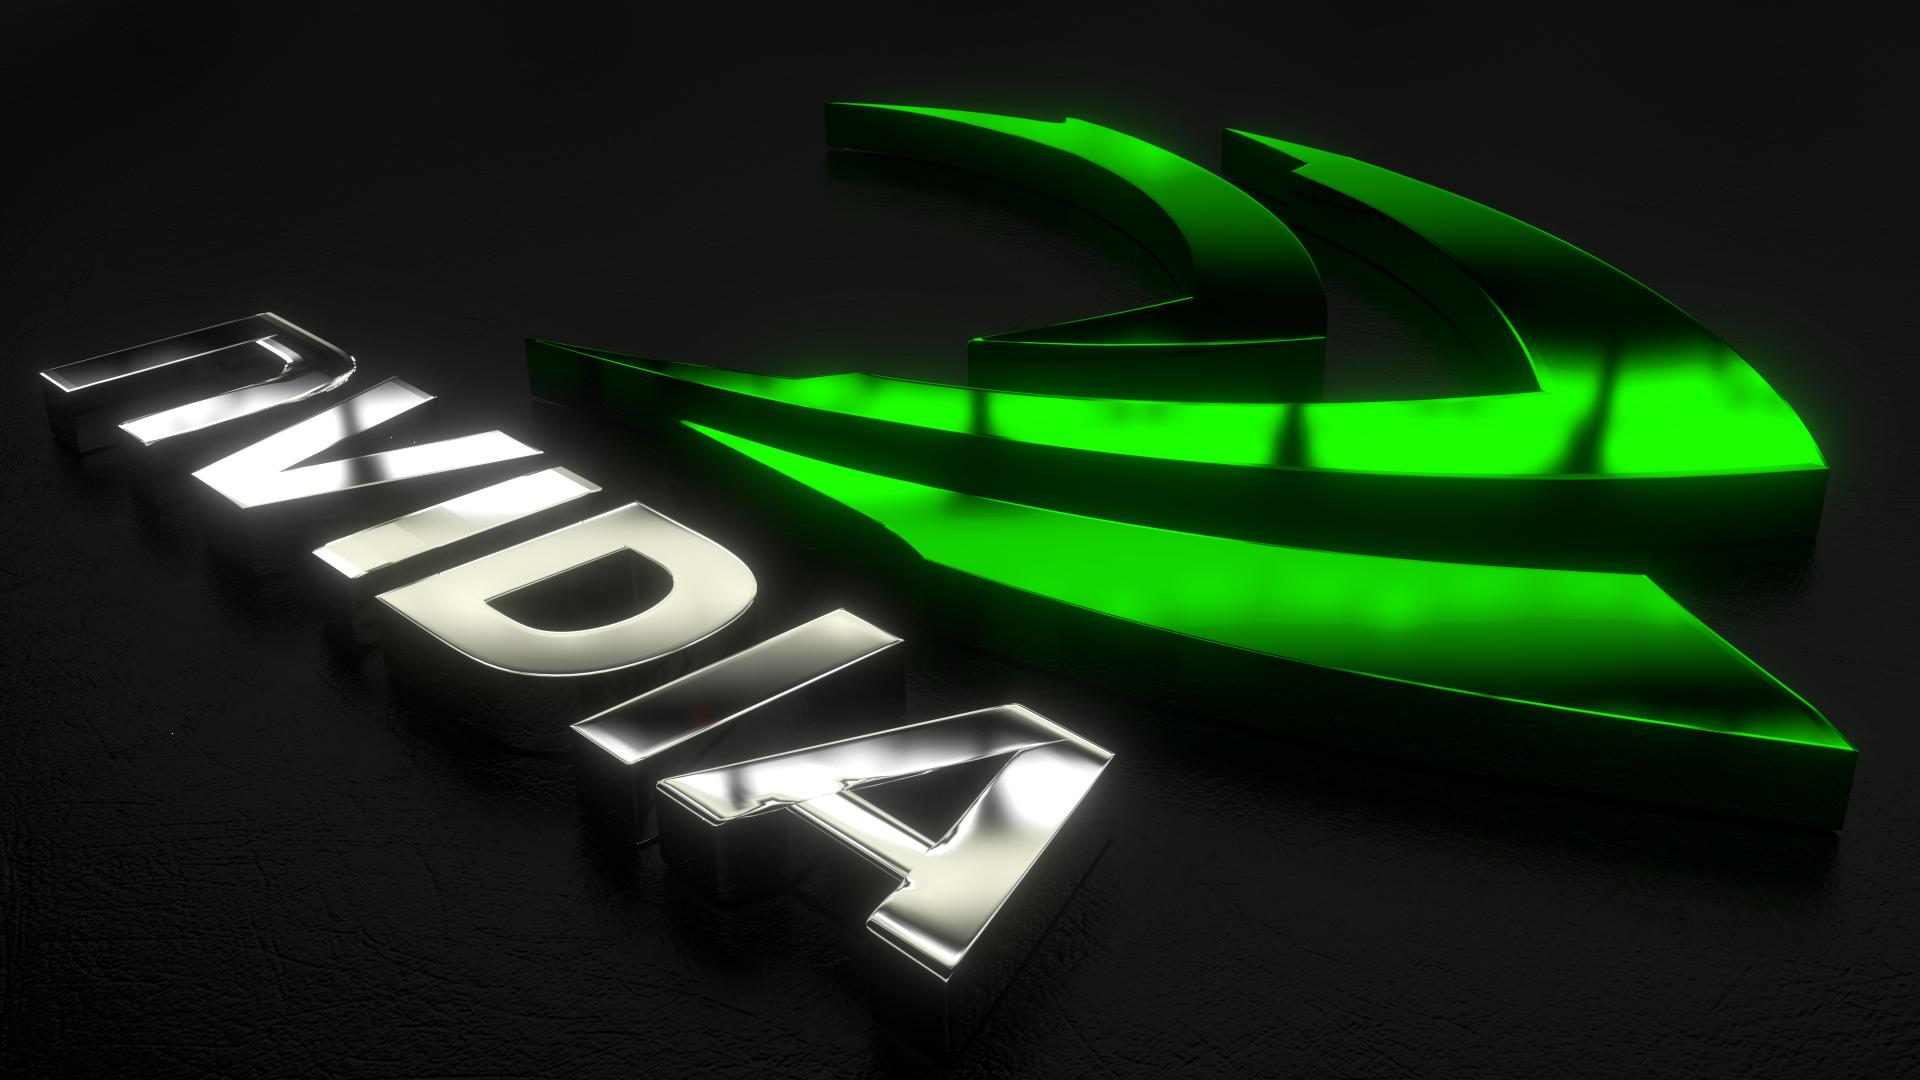 1920x1080 green wallpaper: NVIDIA HD Wallpaper